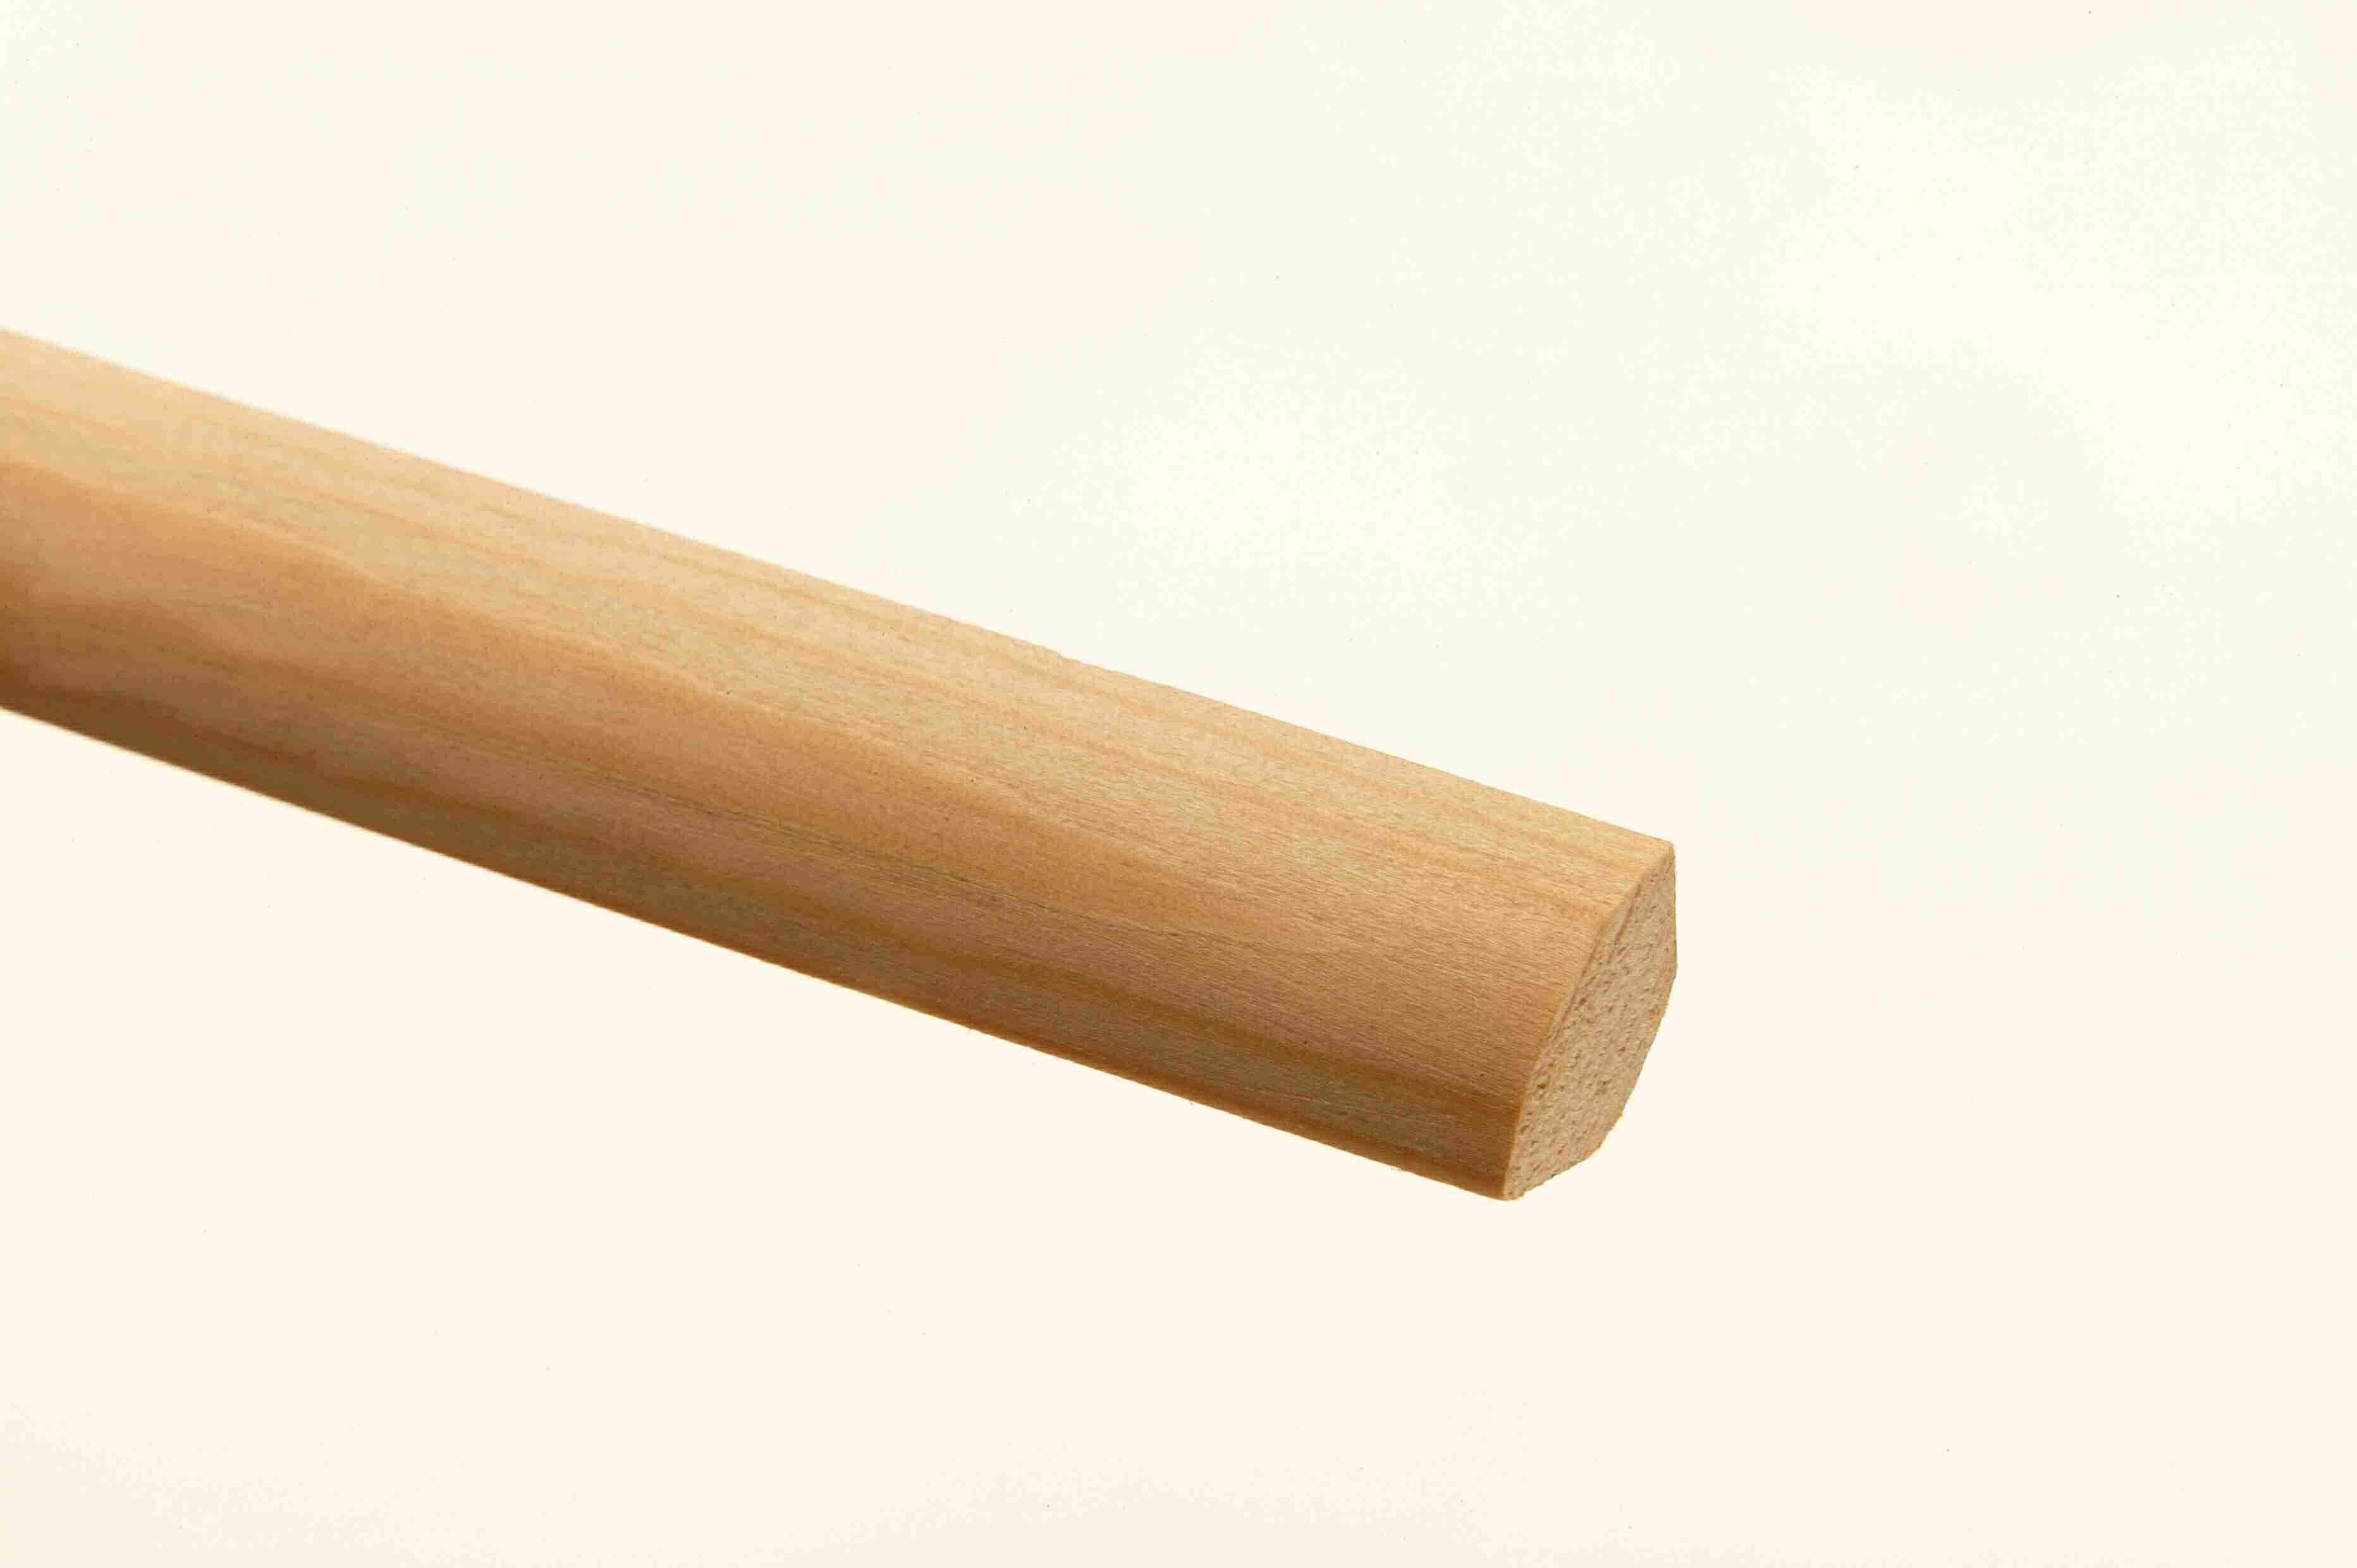 30 Pine Back-Off Quadrant Mouldings 10 x 10 x 2400mm